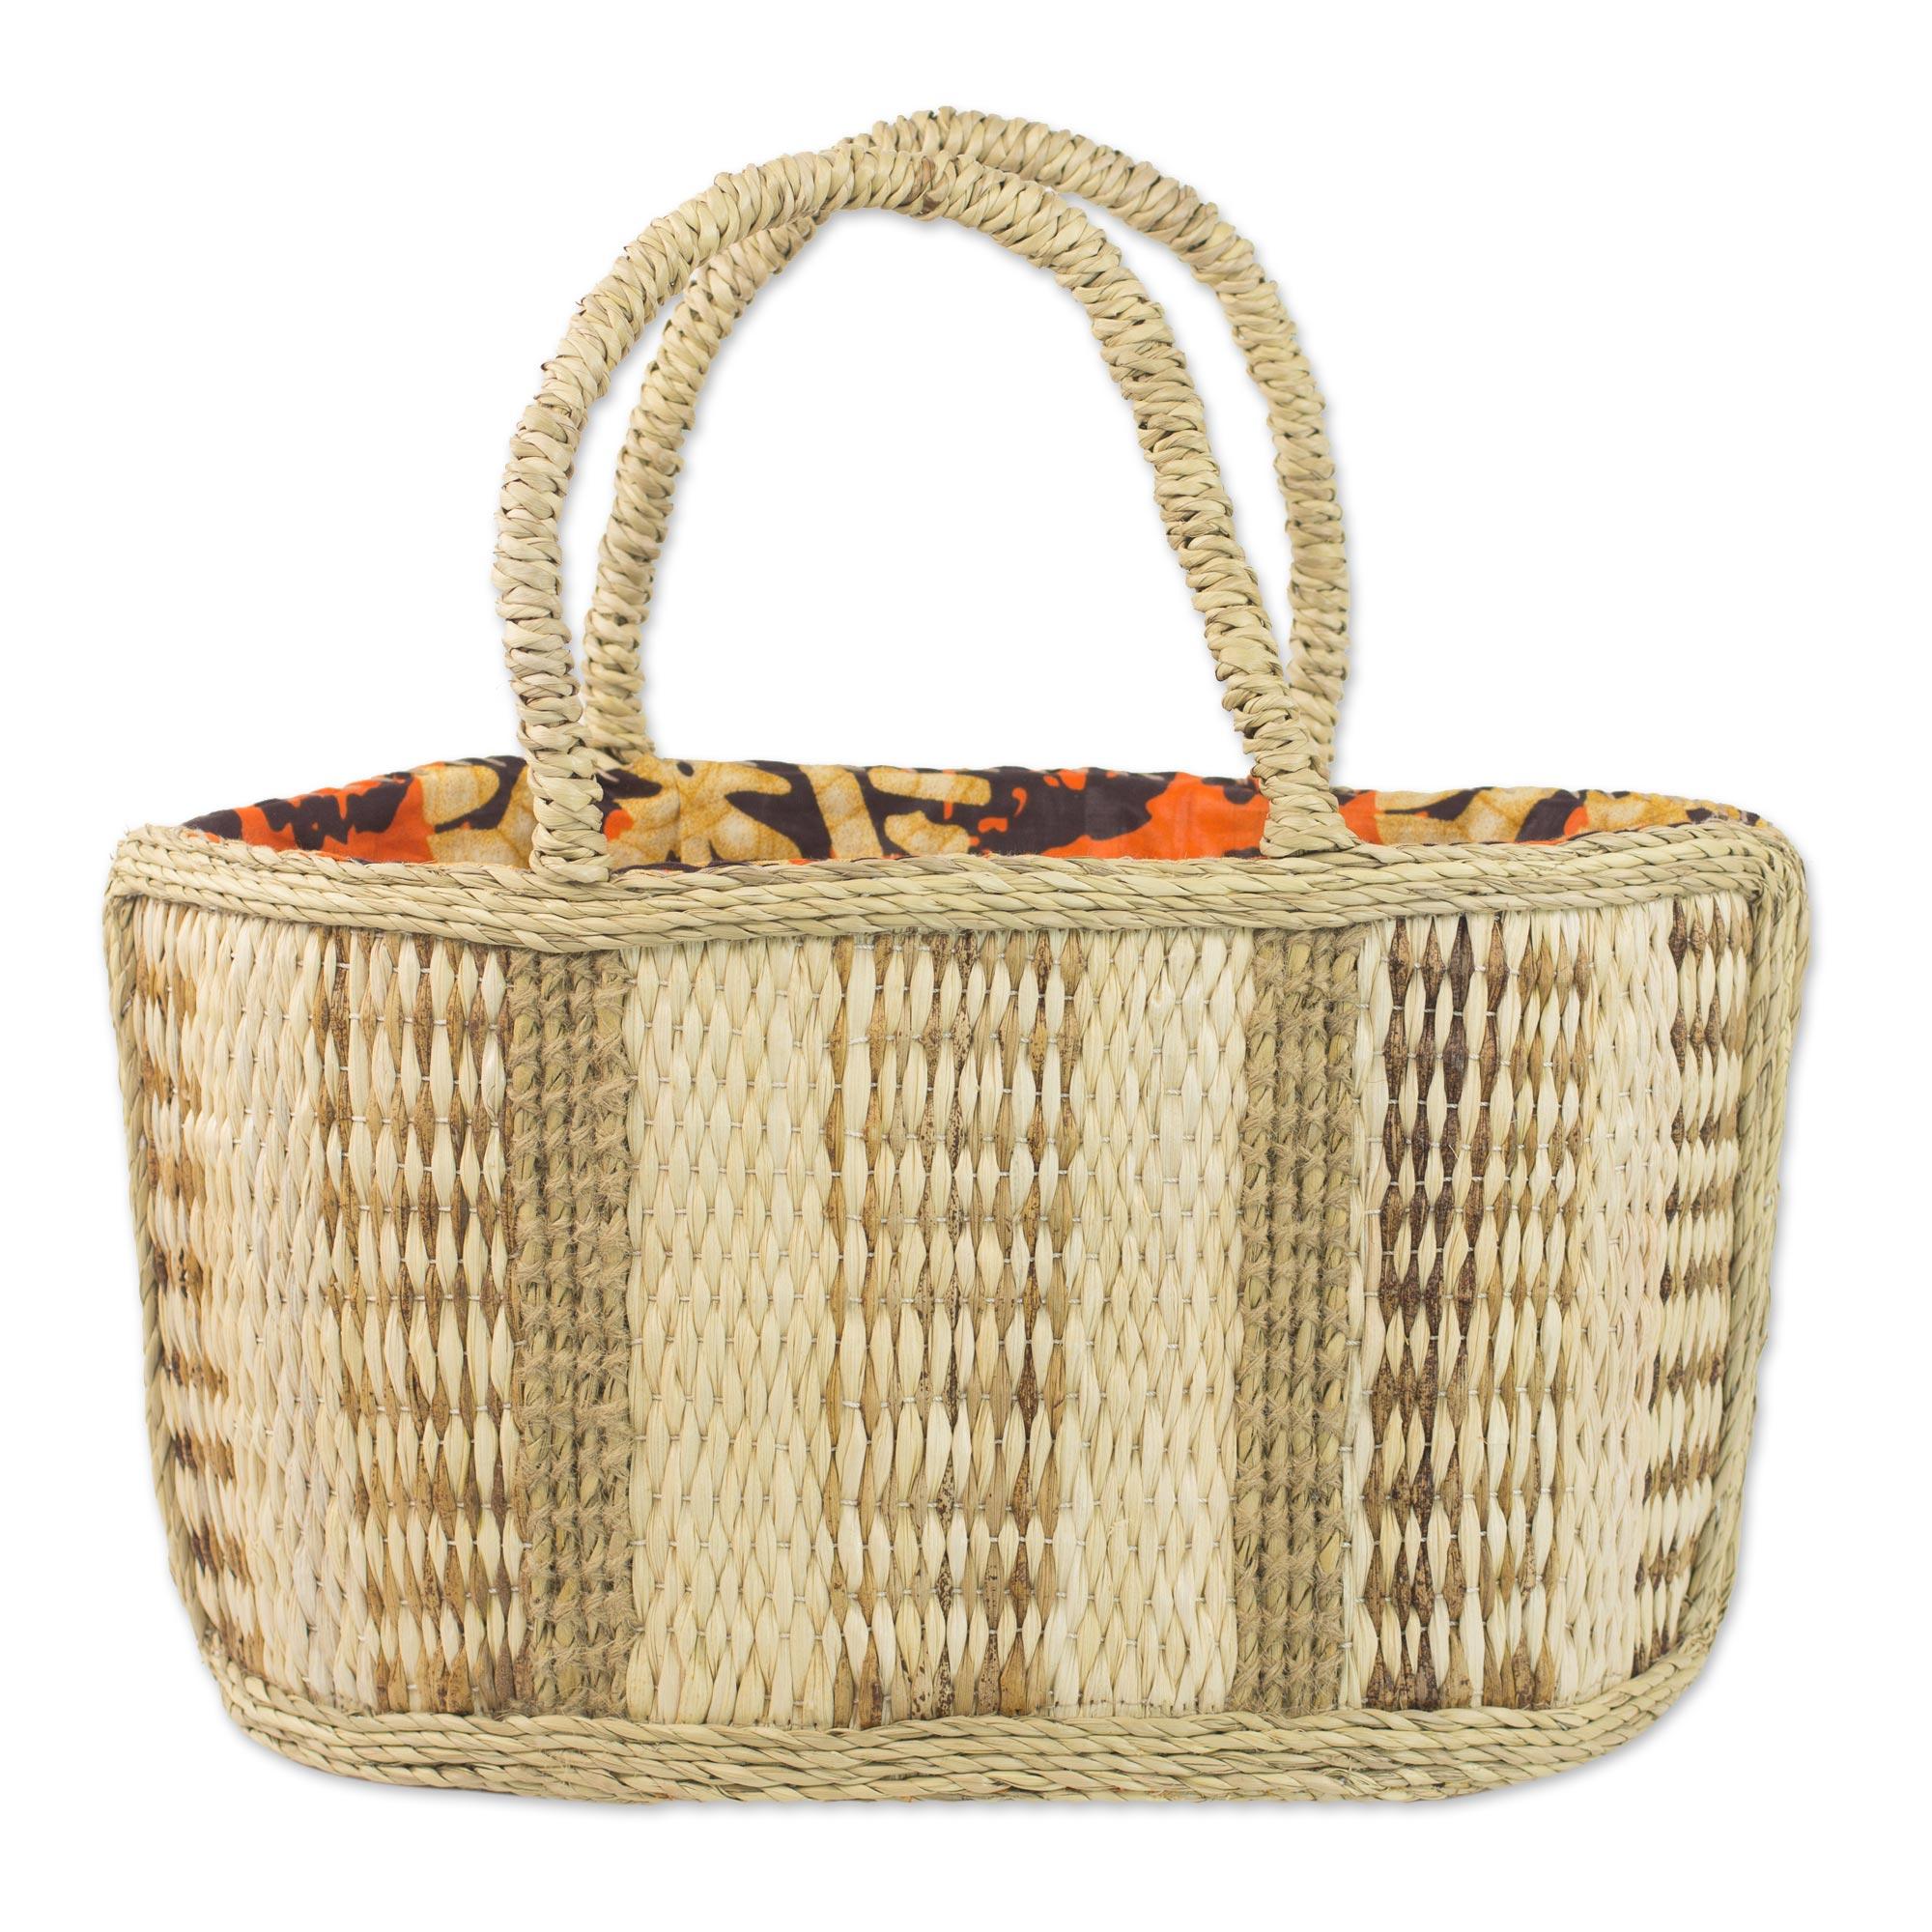 Novica Natural fiber tote handbag, Savvy Shopper